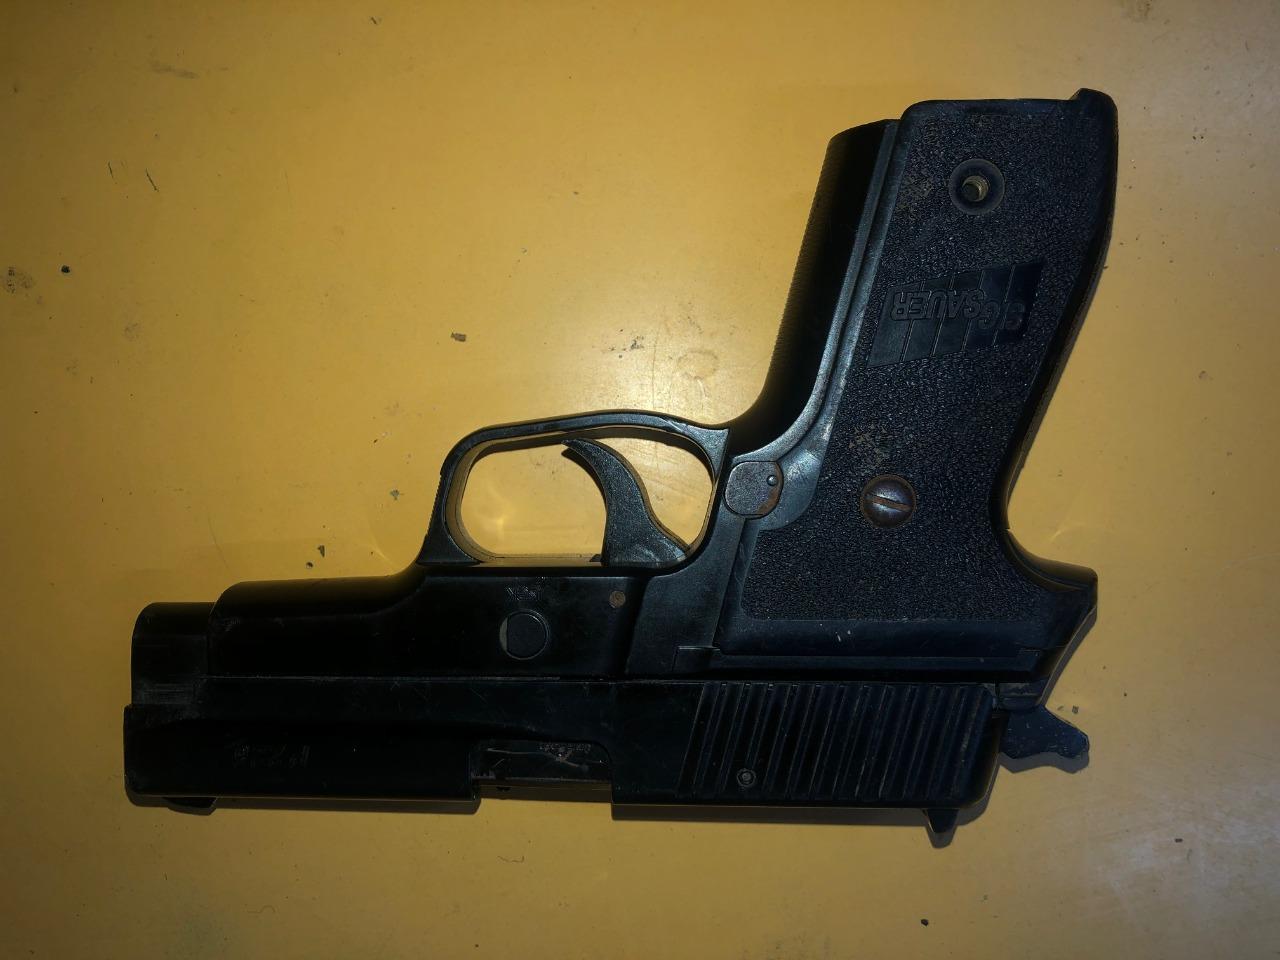 [Policiales] Cuatro personas detenidas por portación de arma de fuego y robo de un vehículo en el conurbano